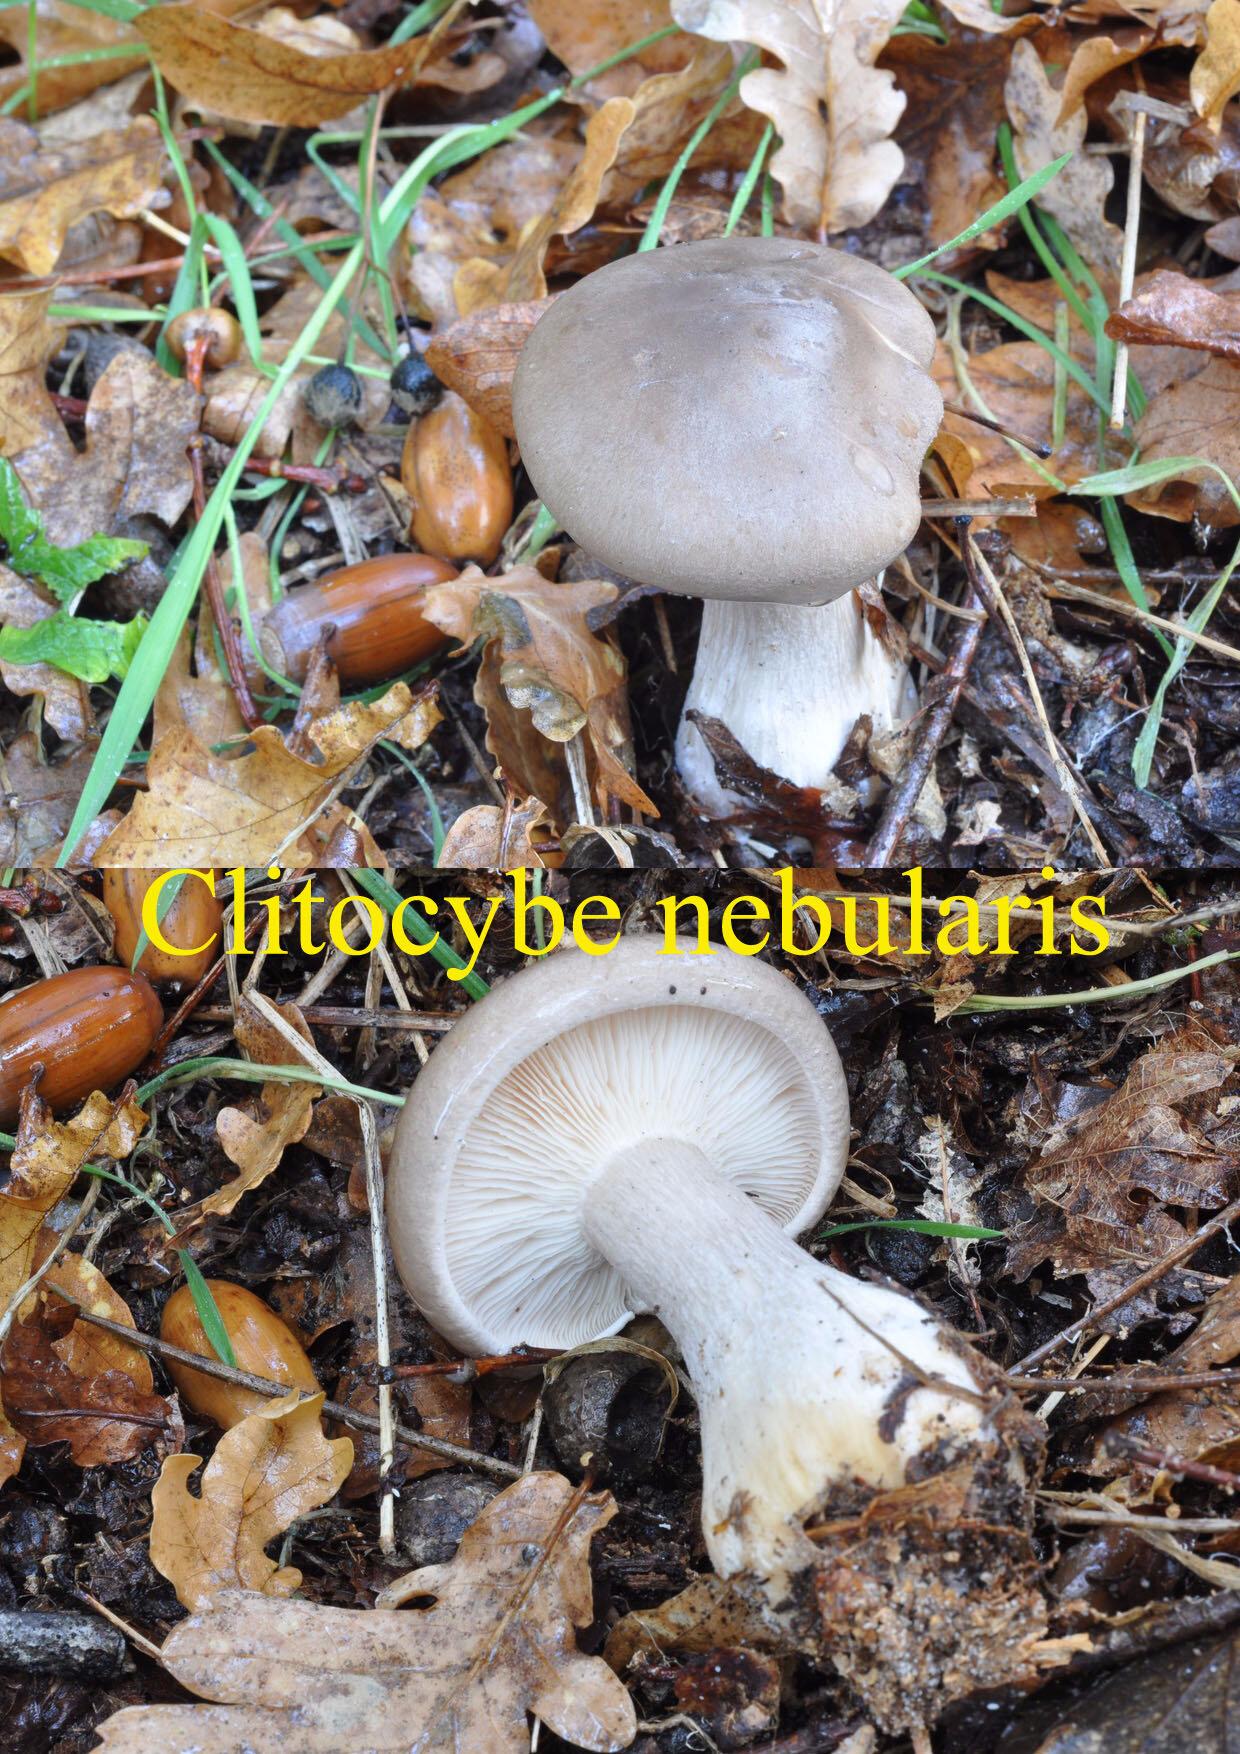 Clitocybe nebularis